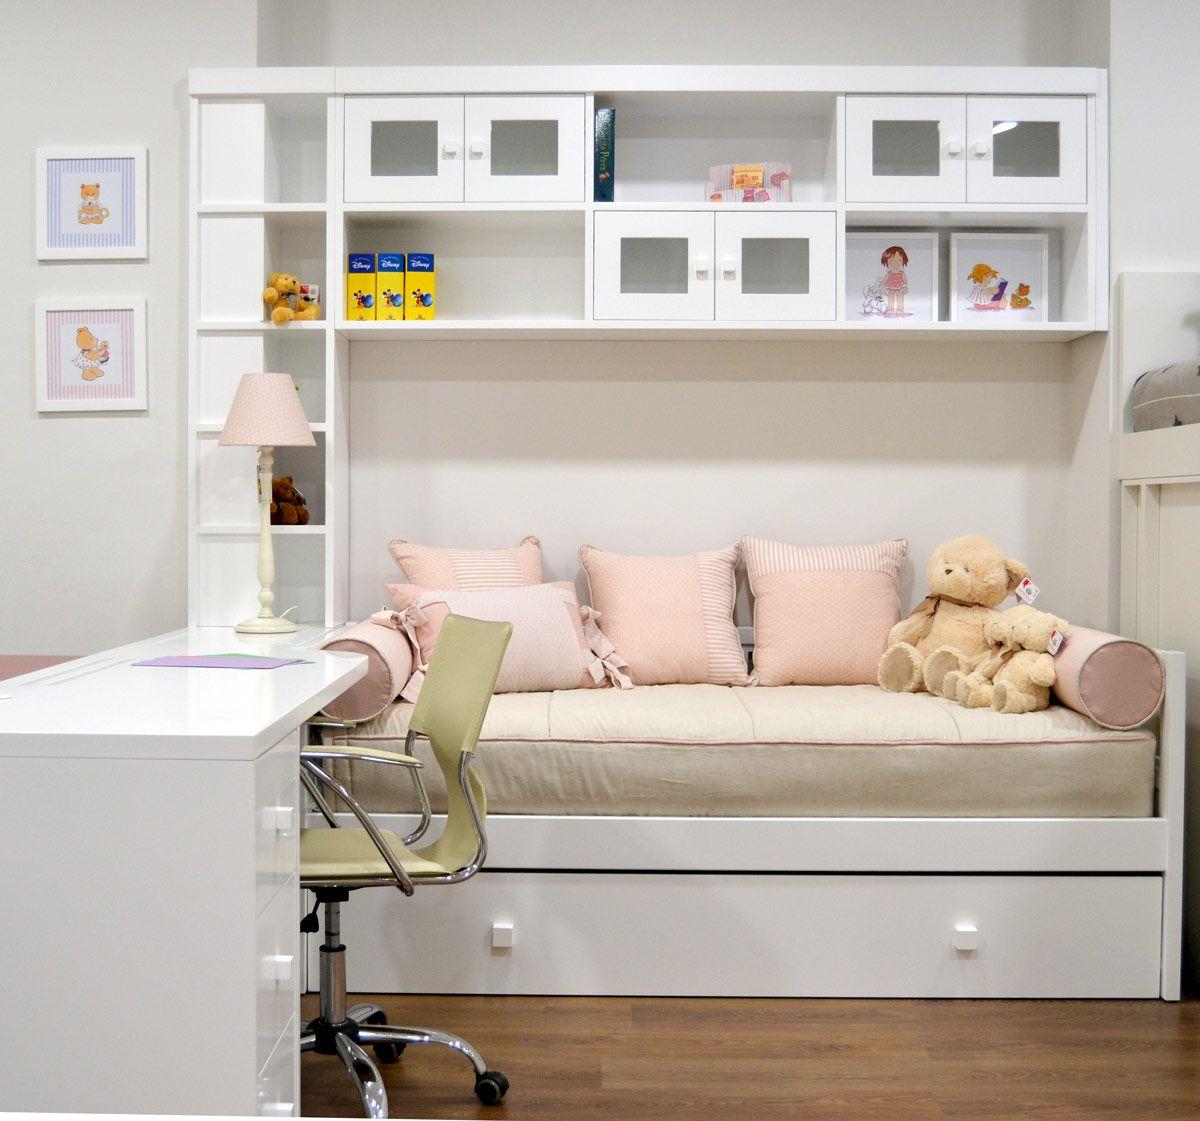 Dormitorio con cama nido y puente blanco el p jaro for Dormitorios infantiles y juveniles